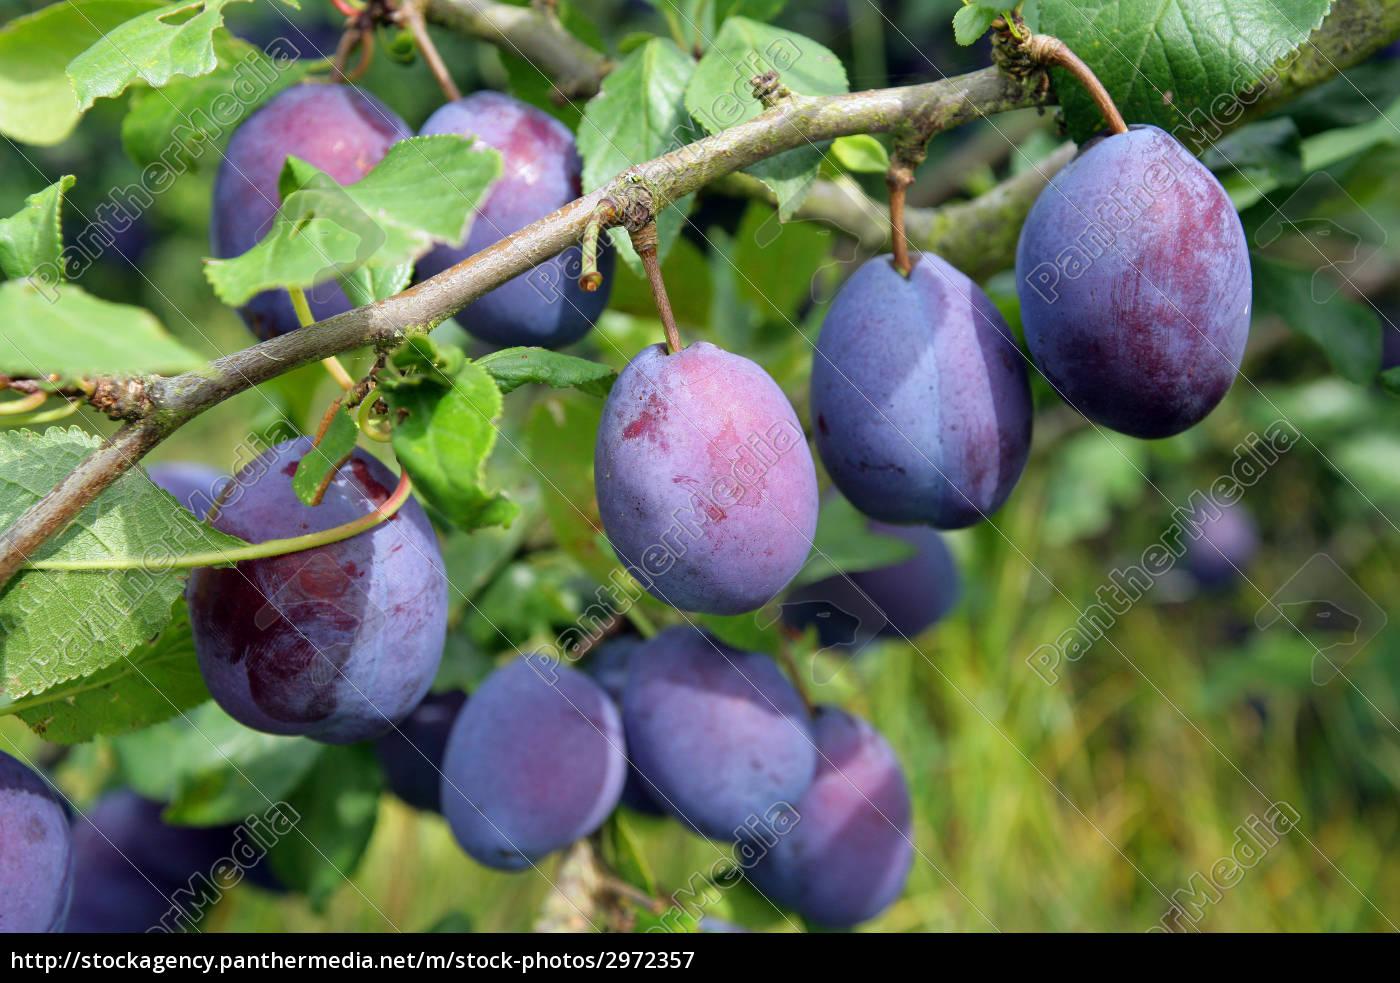 ante, plums, , lot-et-garonne, in, aquitaine - 2972357